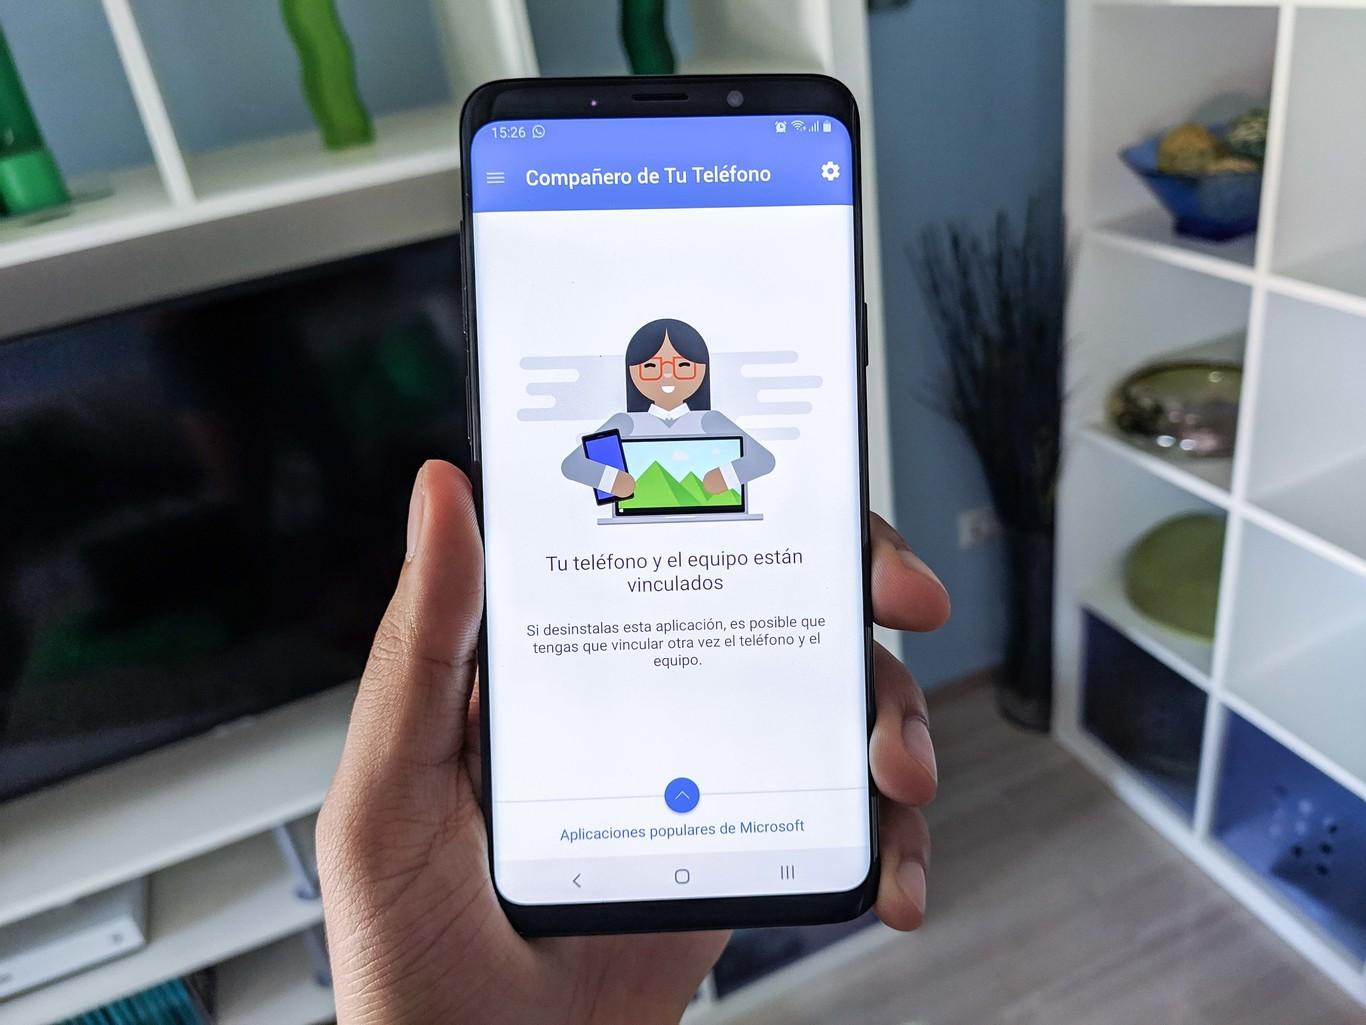 Cómo añadir el acceso directo 'Conexión con Windows' del Samsung Galaxy Note 10 en cualquier otro móvil Samsung